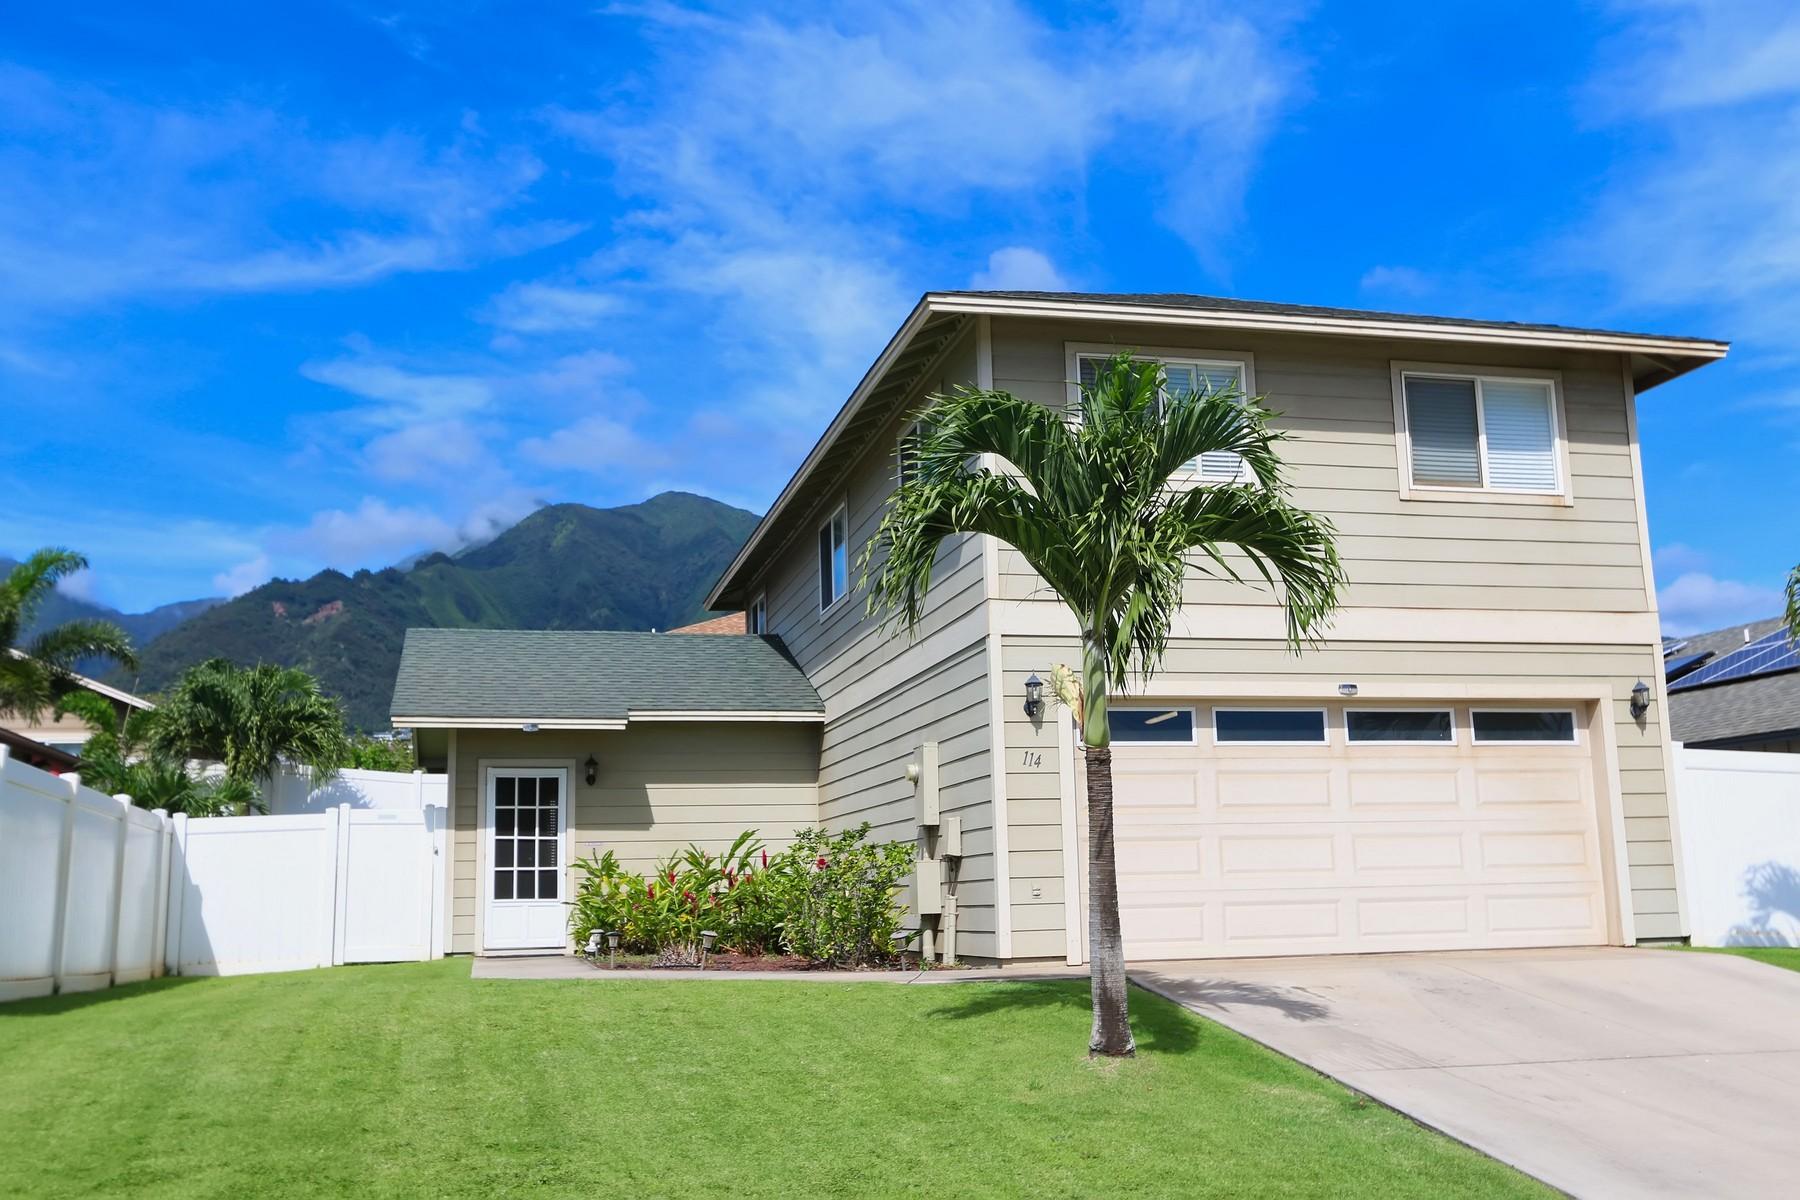 一戸建て のために 売買 アット Perfect & Conveniently located Central Maui Home 114 E Makaukau Loop Wailuku, ハワイ 96793 アメリカ合衆国